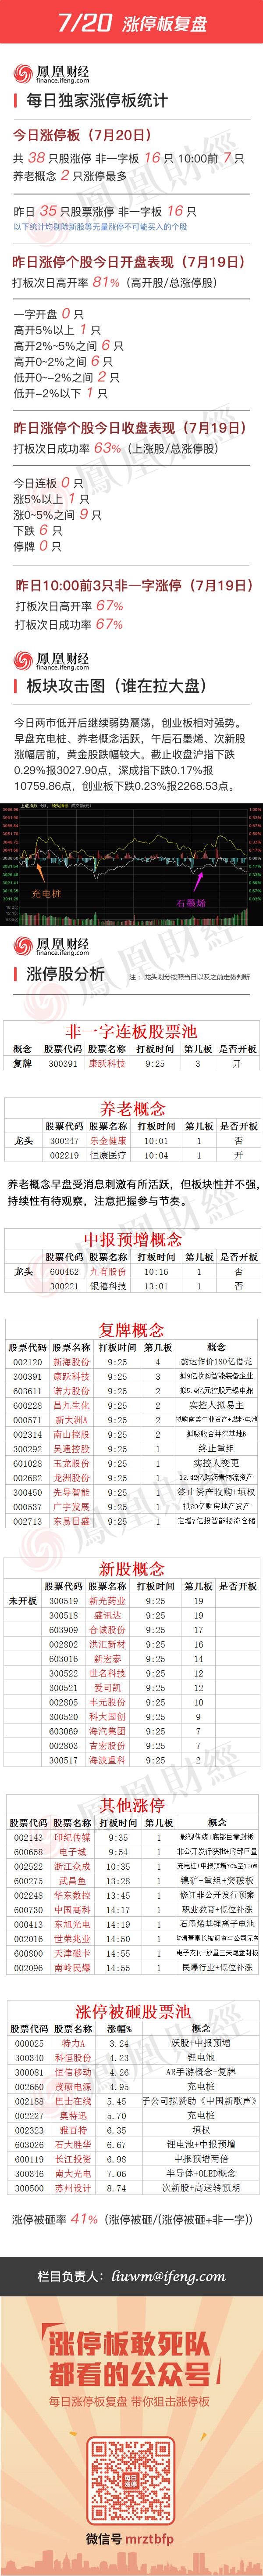 2016年7月20日涨停板复盘 - 小美 - xing1969wuw的博客